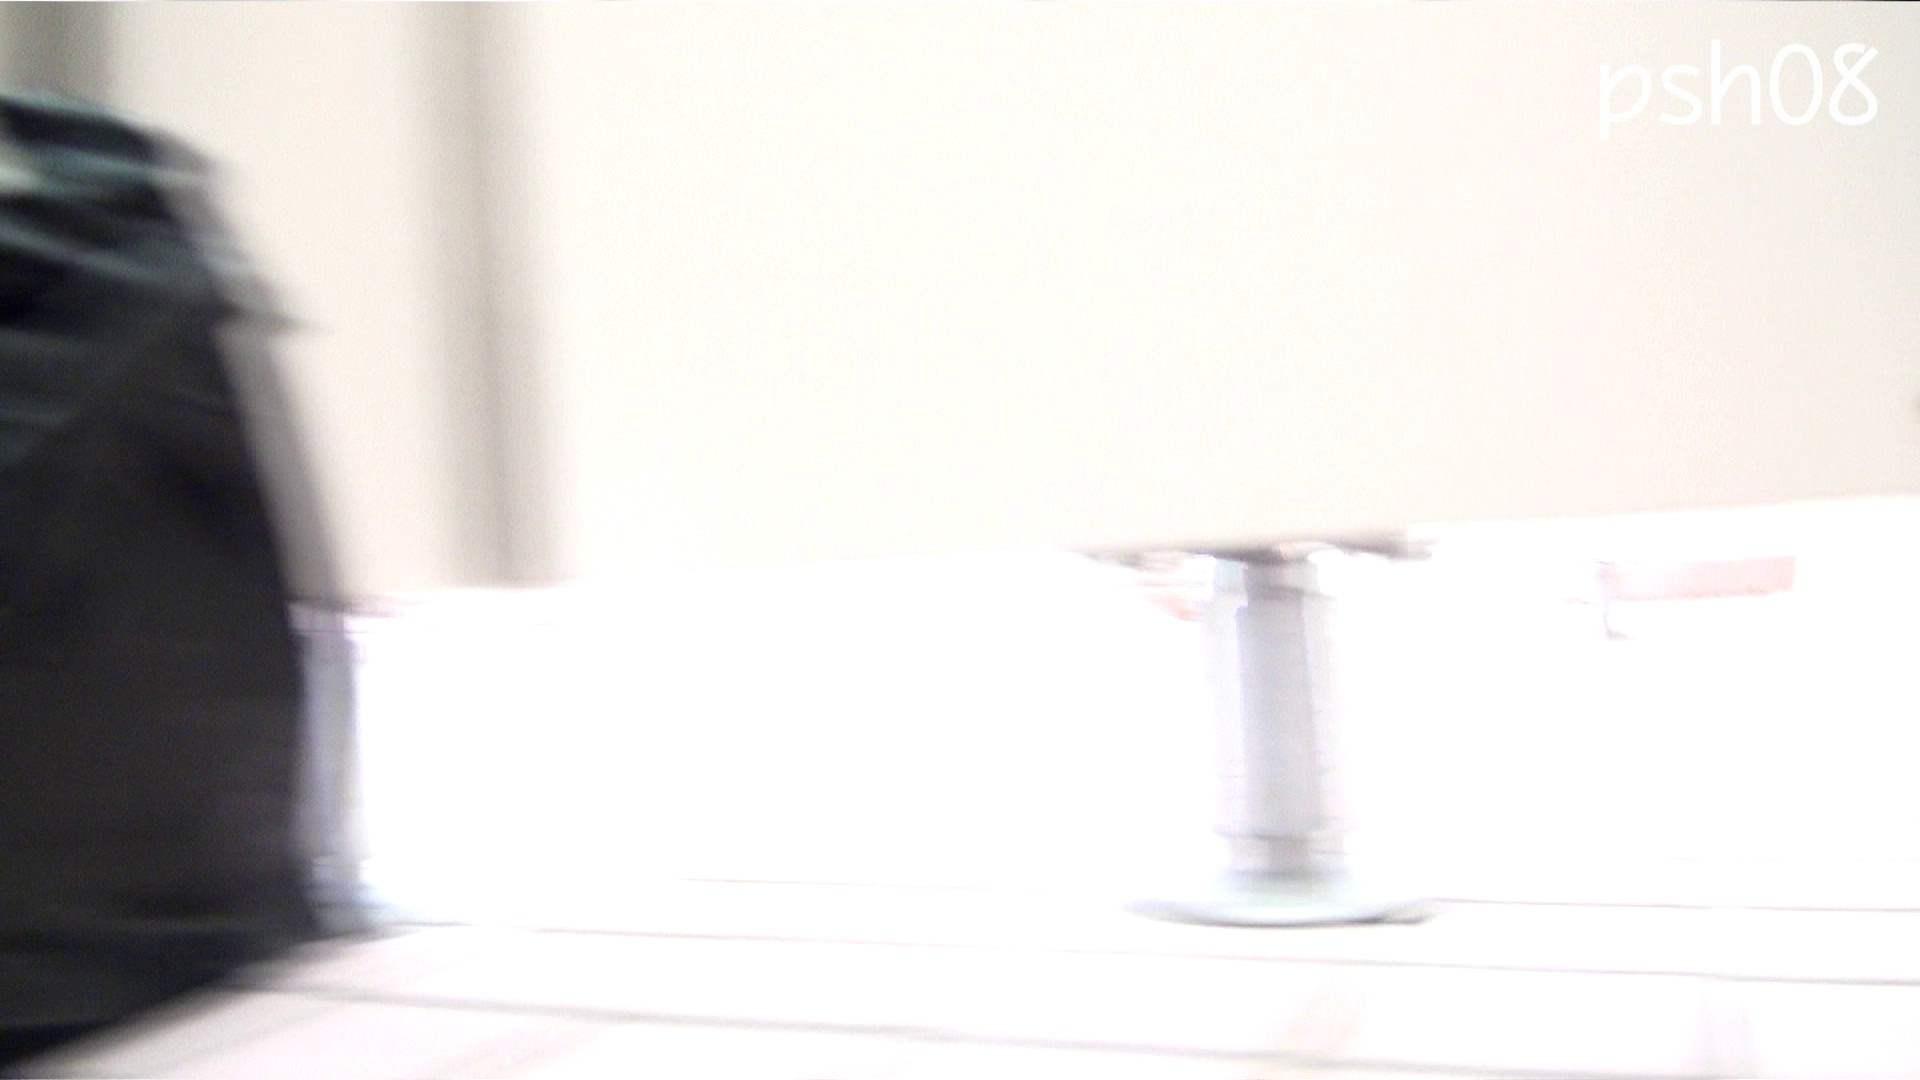 ▲復活限定▲ハイビジョン 盗神伝 Vol.8 洗面所  74PIX 59